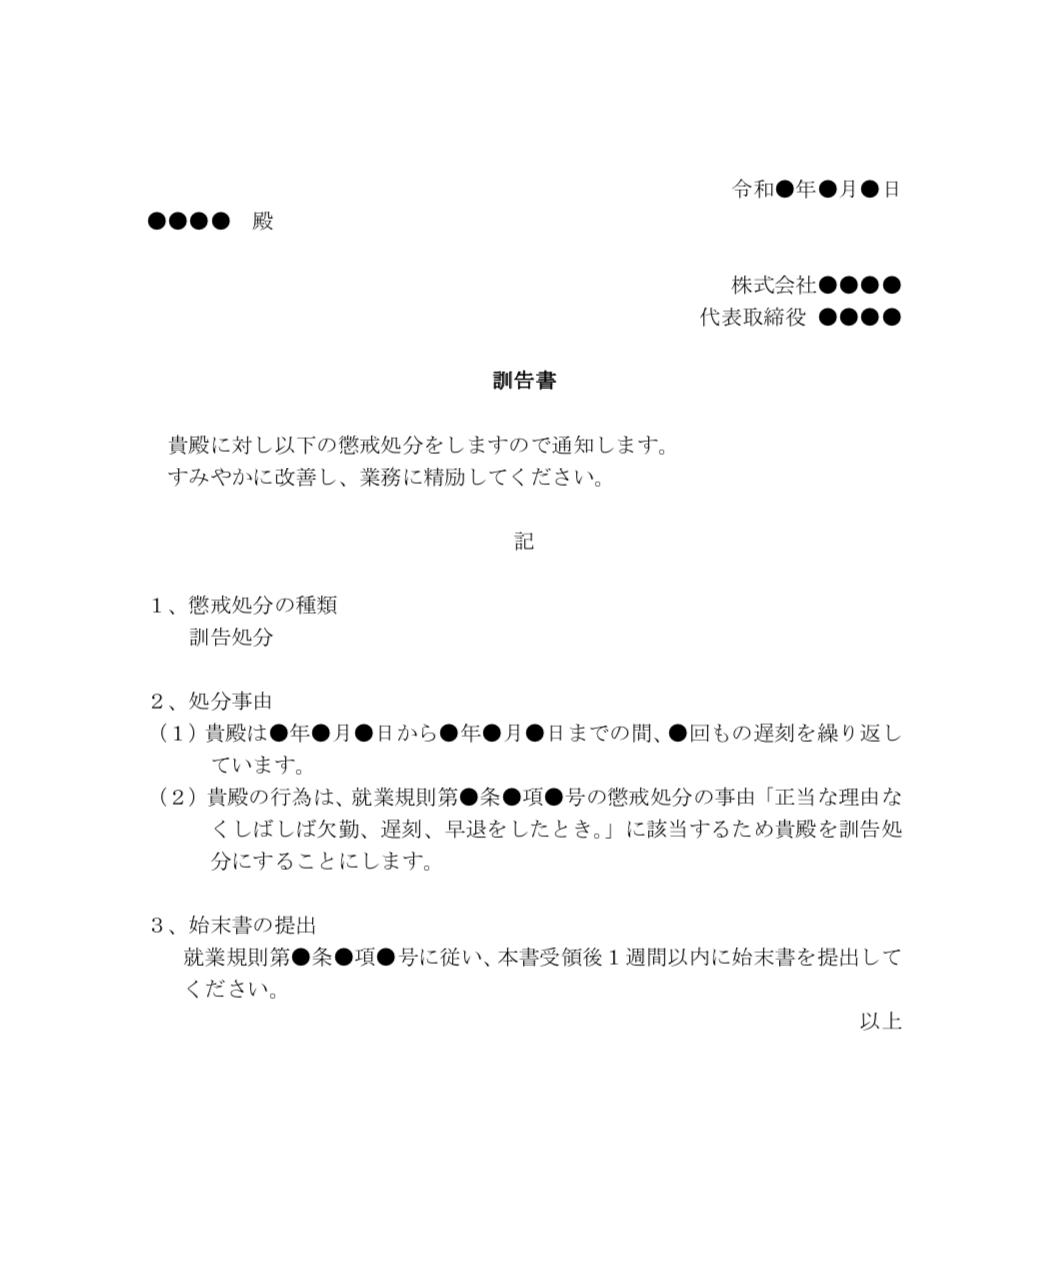 訓告書の例文と様式のサンプル画像